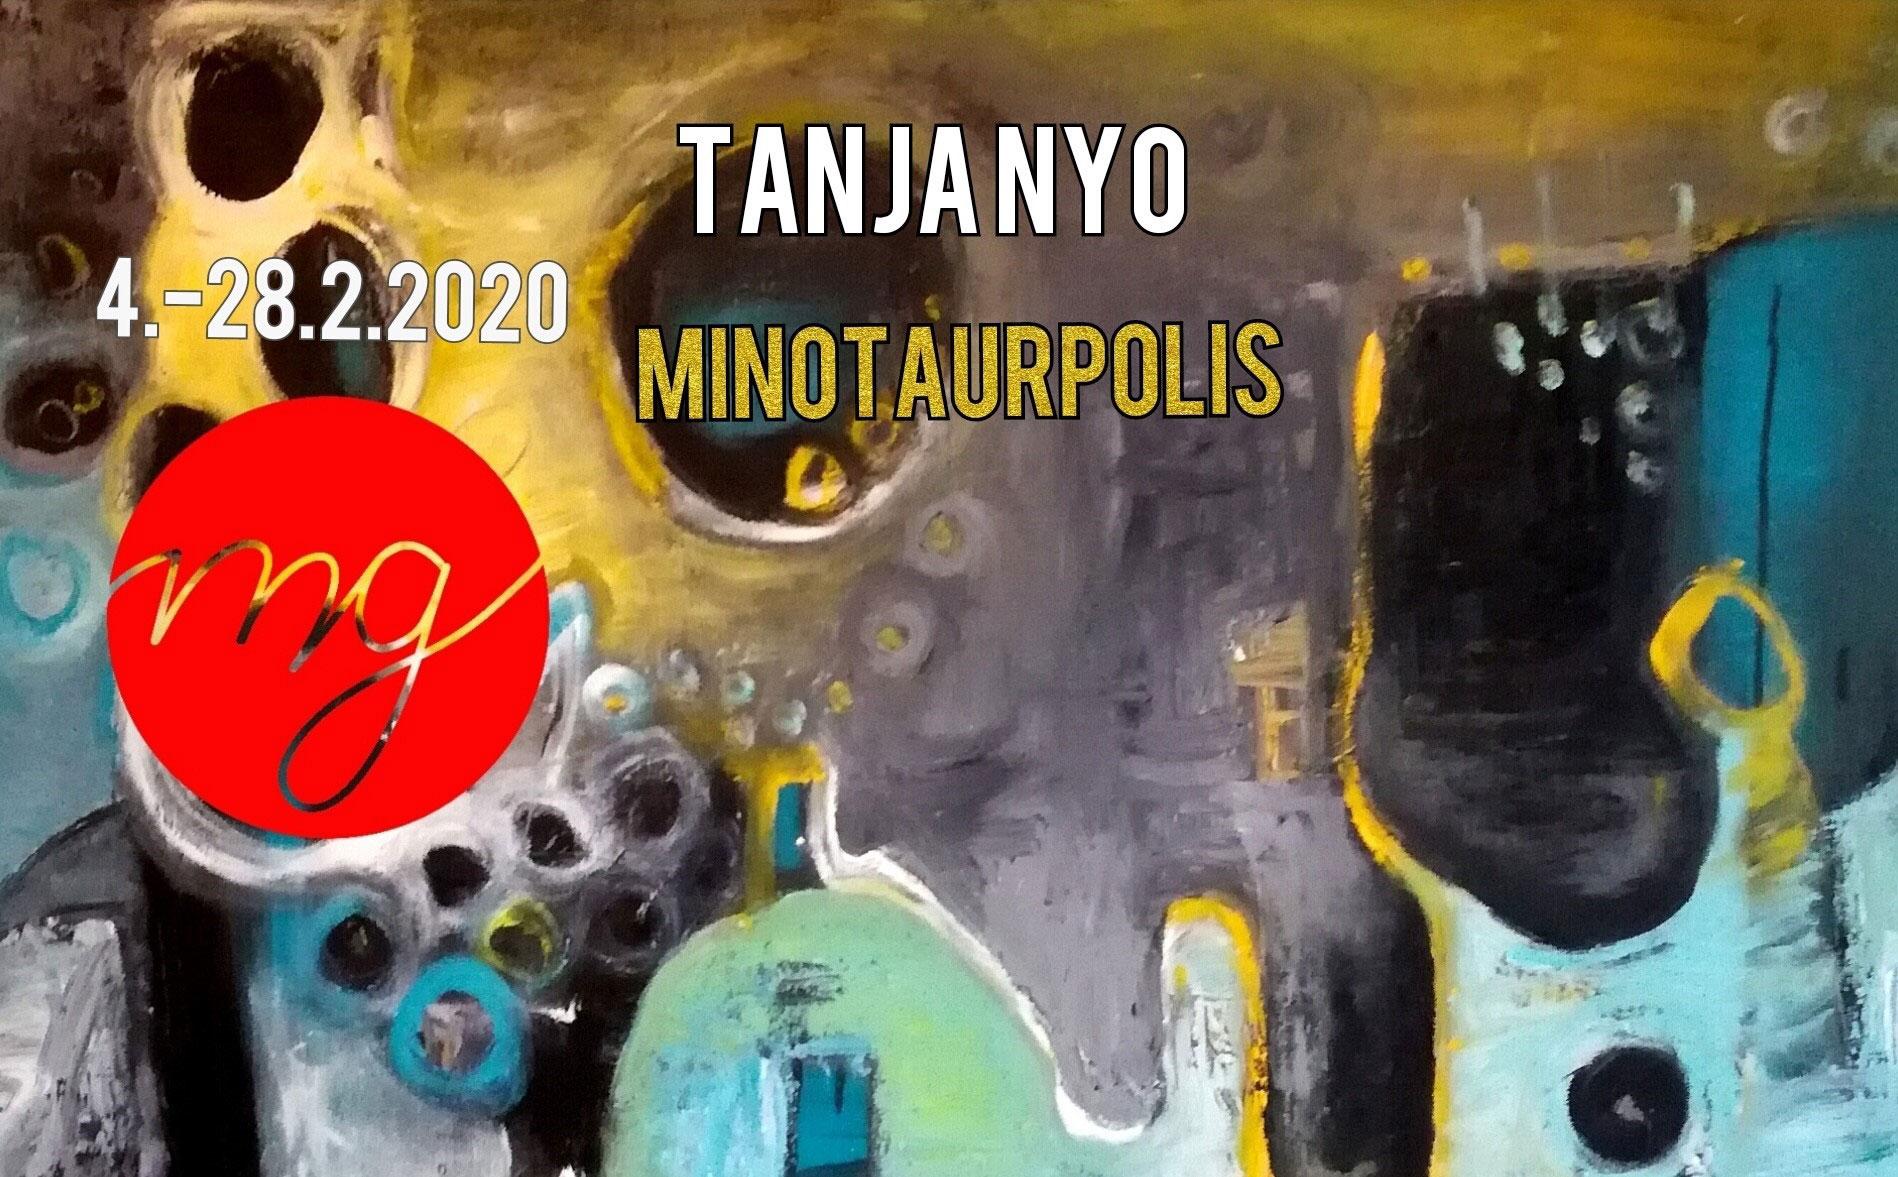 Link to event Tanja Nyo: Minotaurpolis